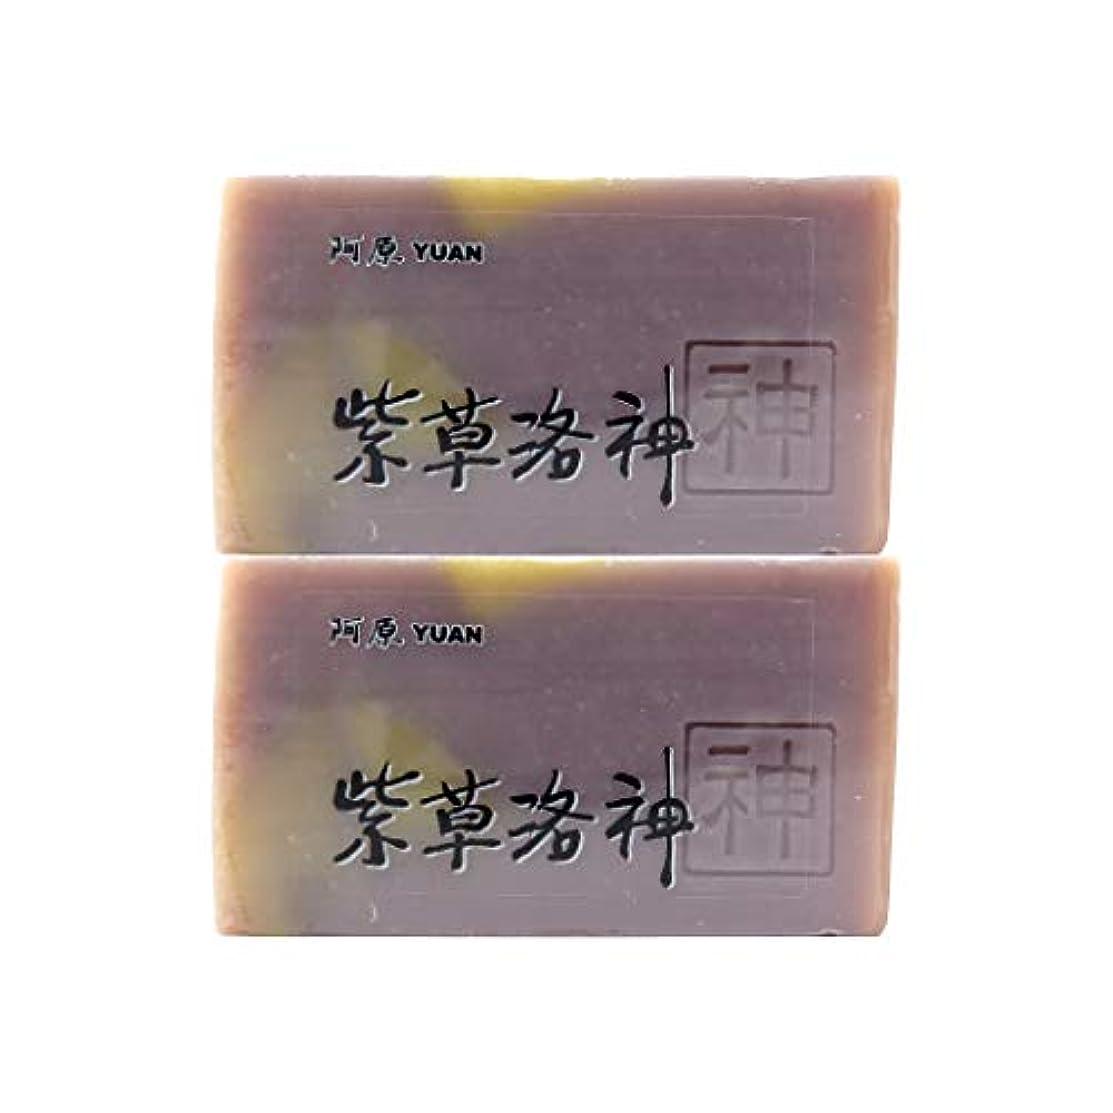 検出する社員アルバムユアン(YUAN) ハイビスカスソープ 100g (2個セット)